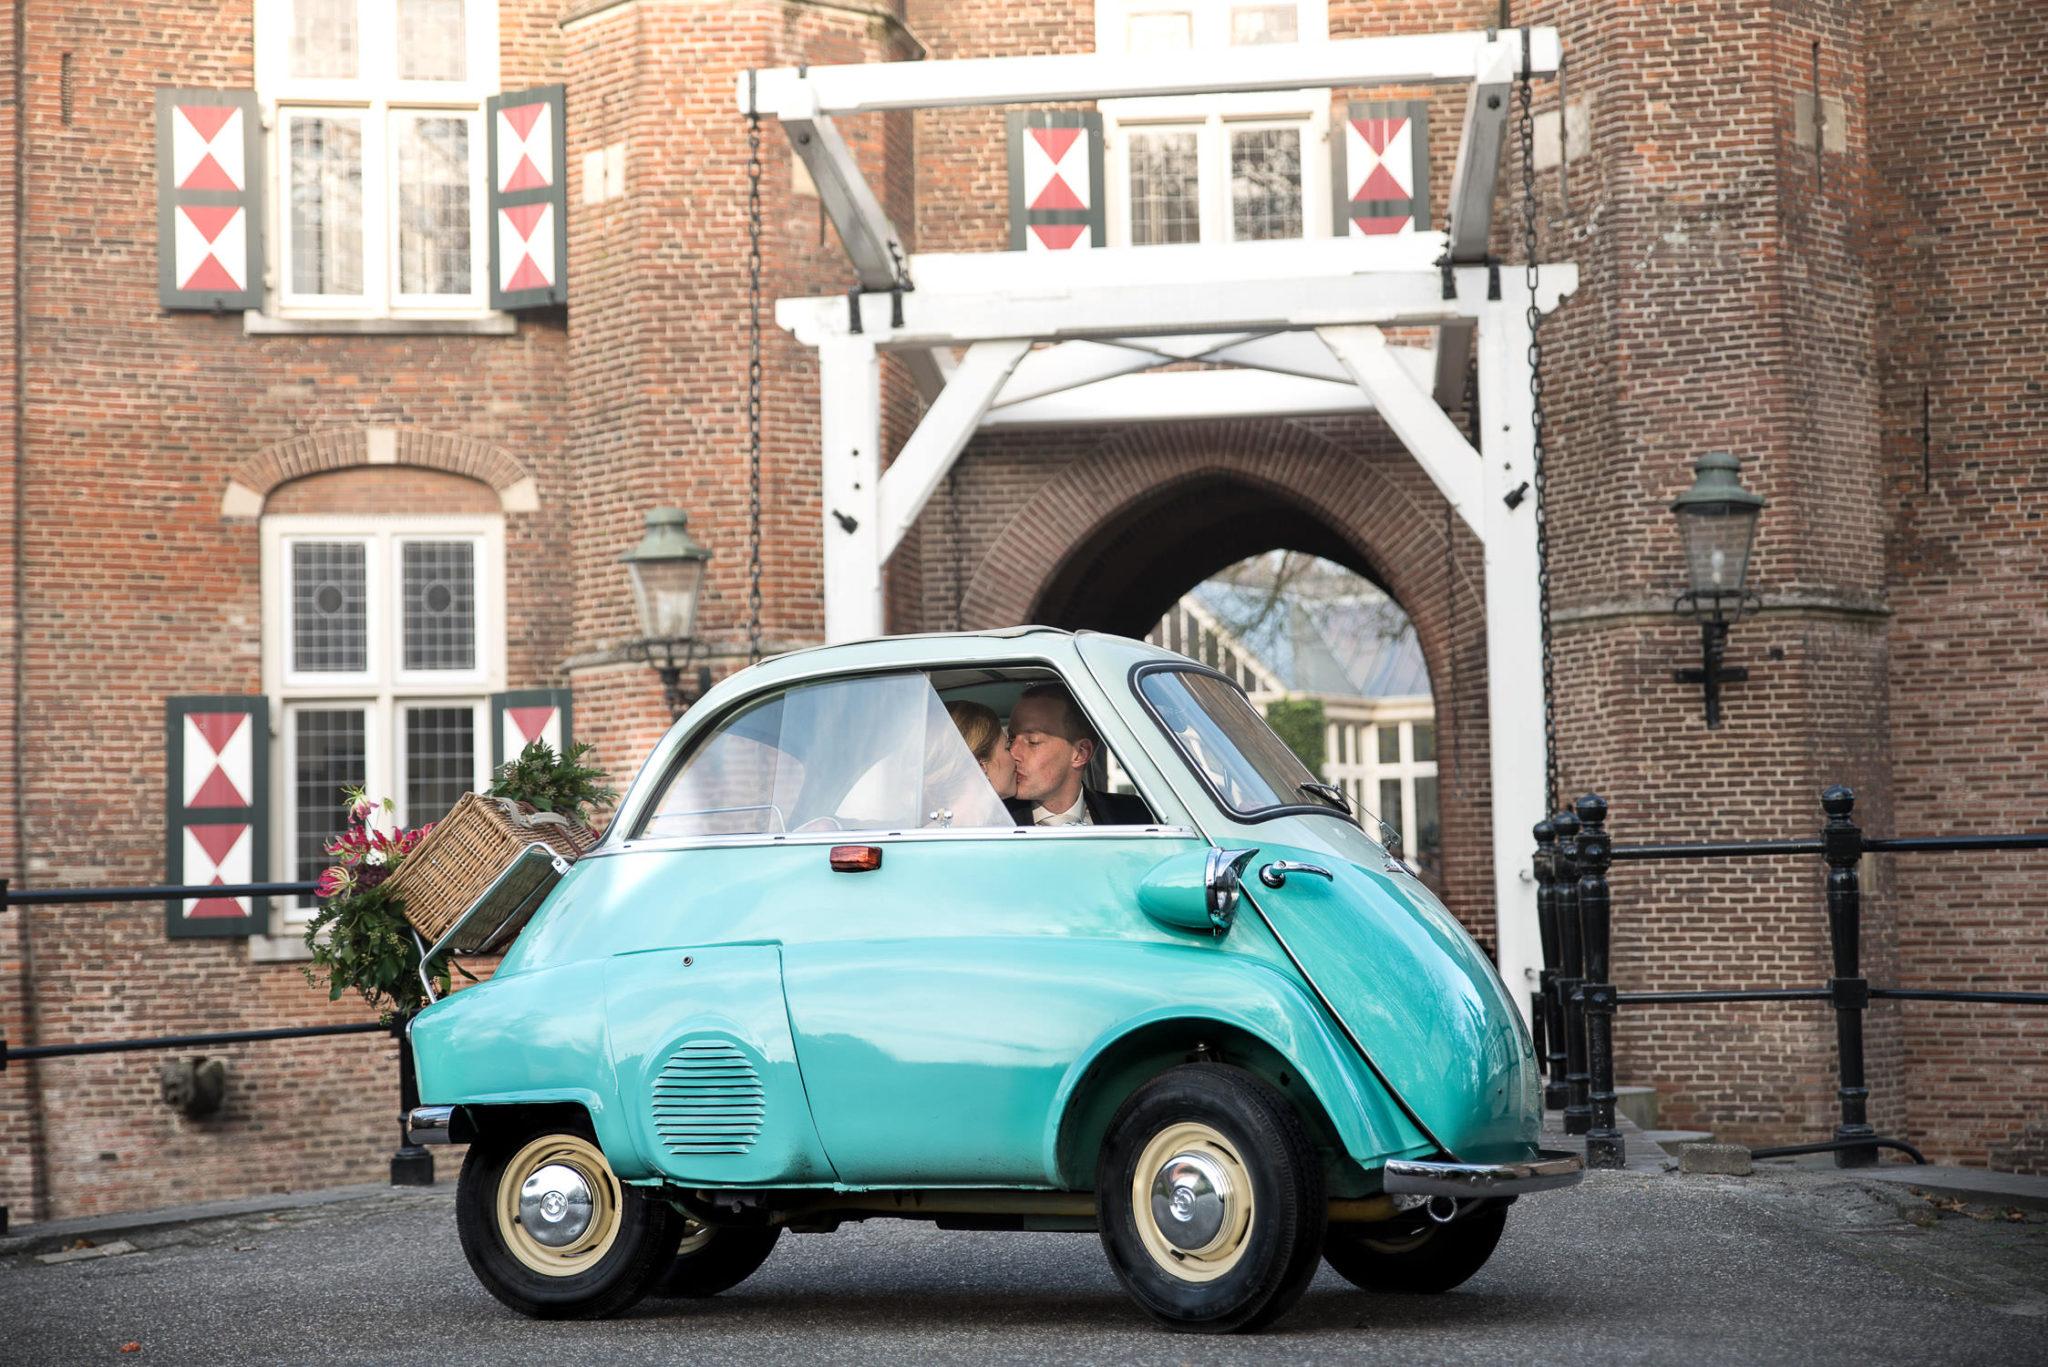 Ferdivds fotograaf Den Bosch Sint-Michielsgestel Vught Noord-Brabant Kasteel Maurick